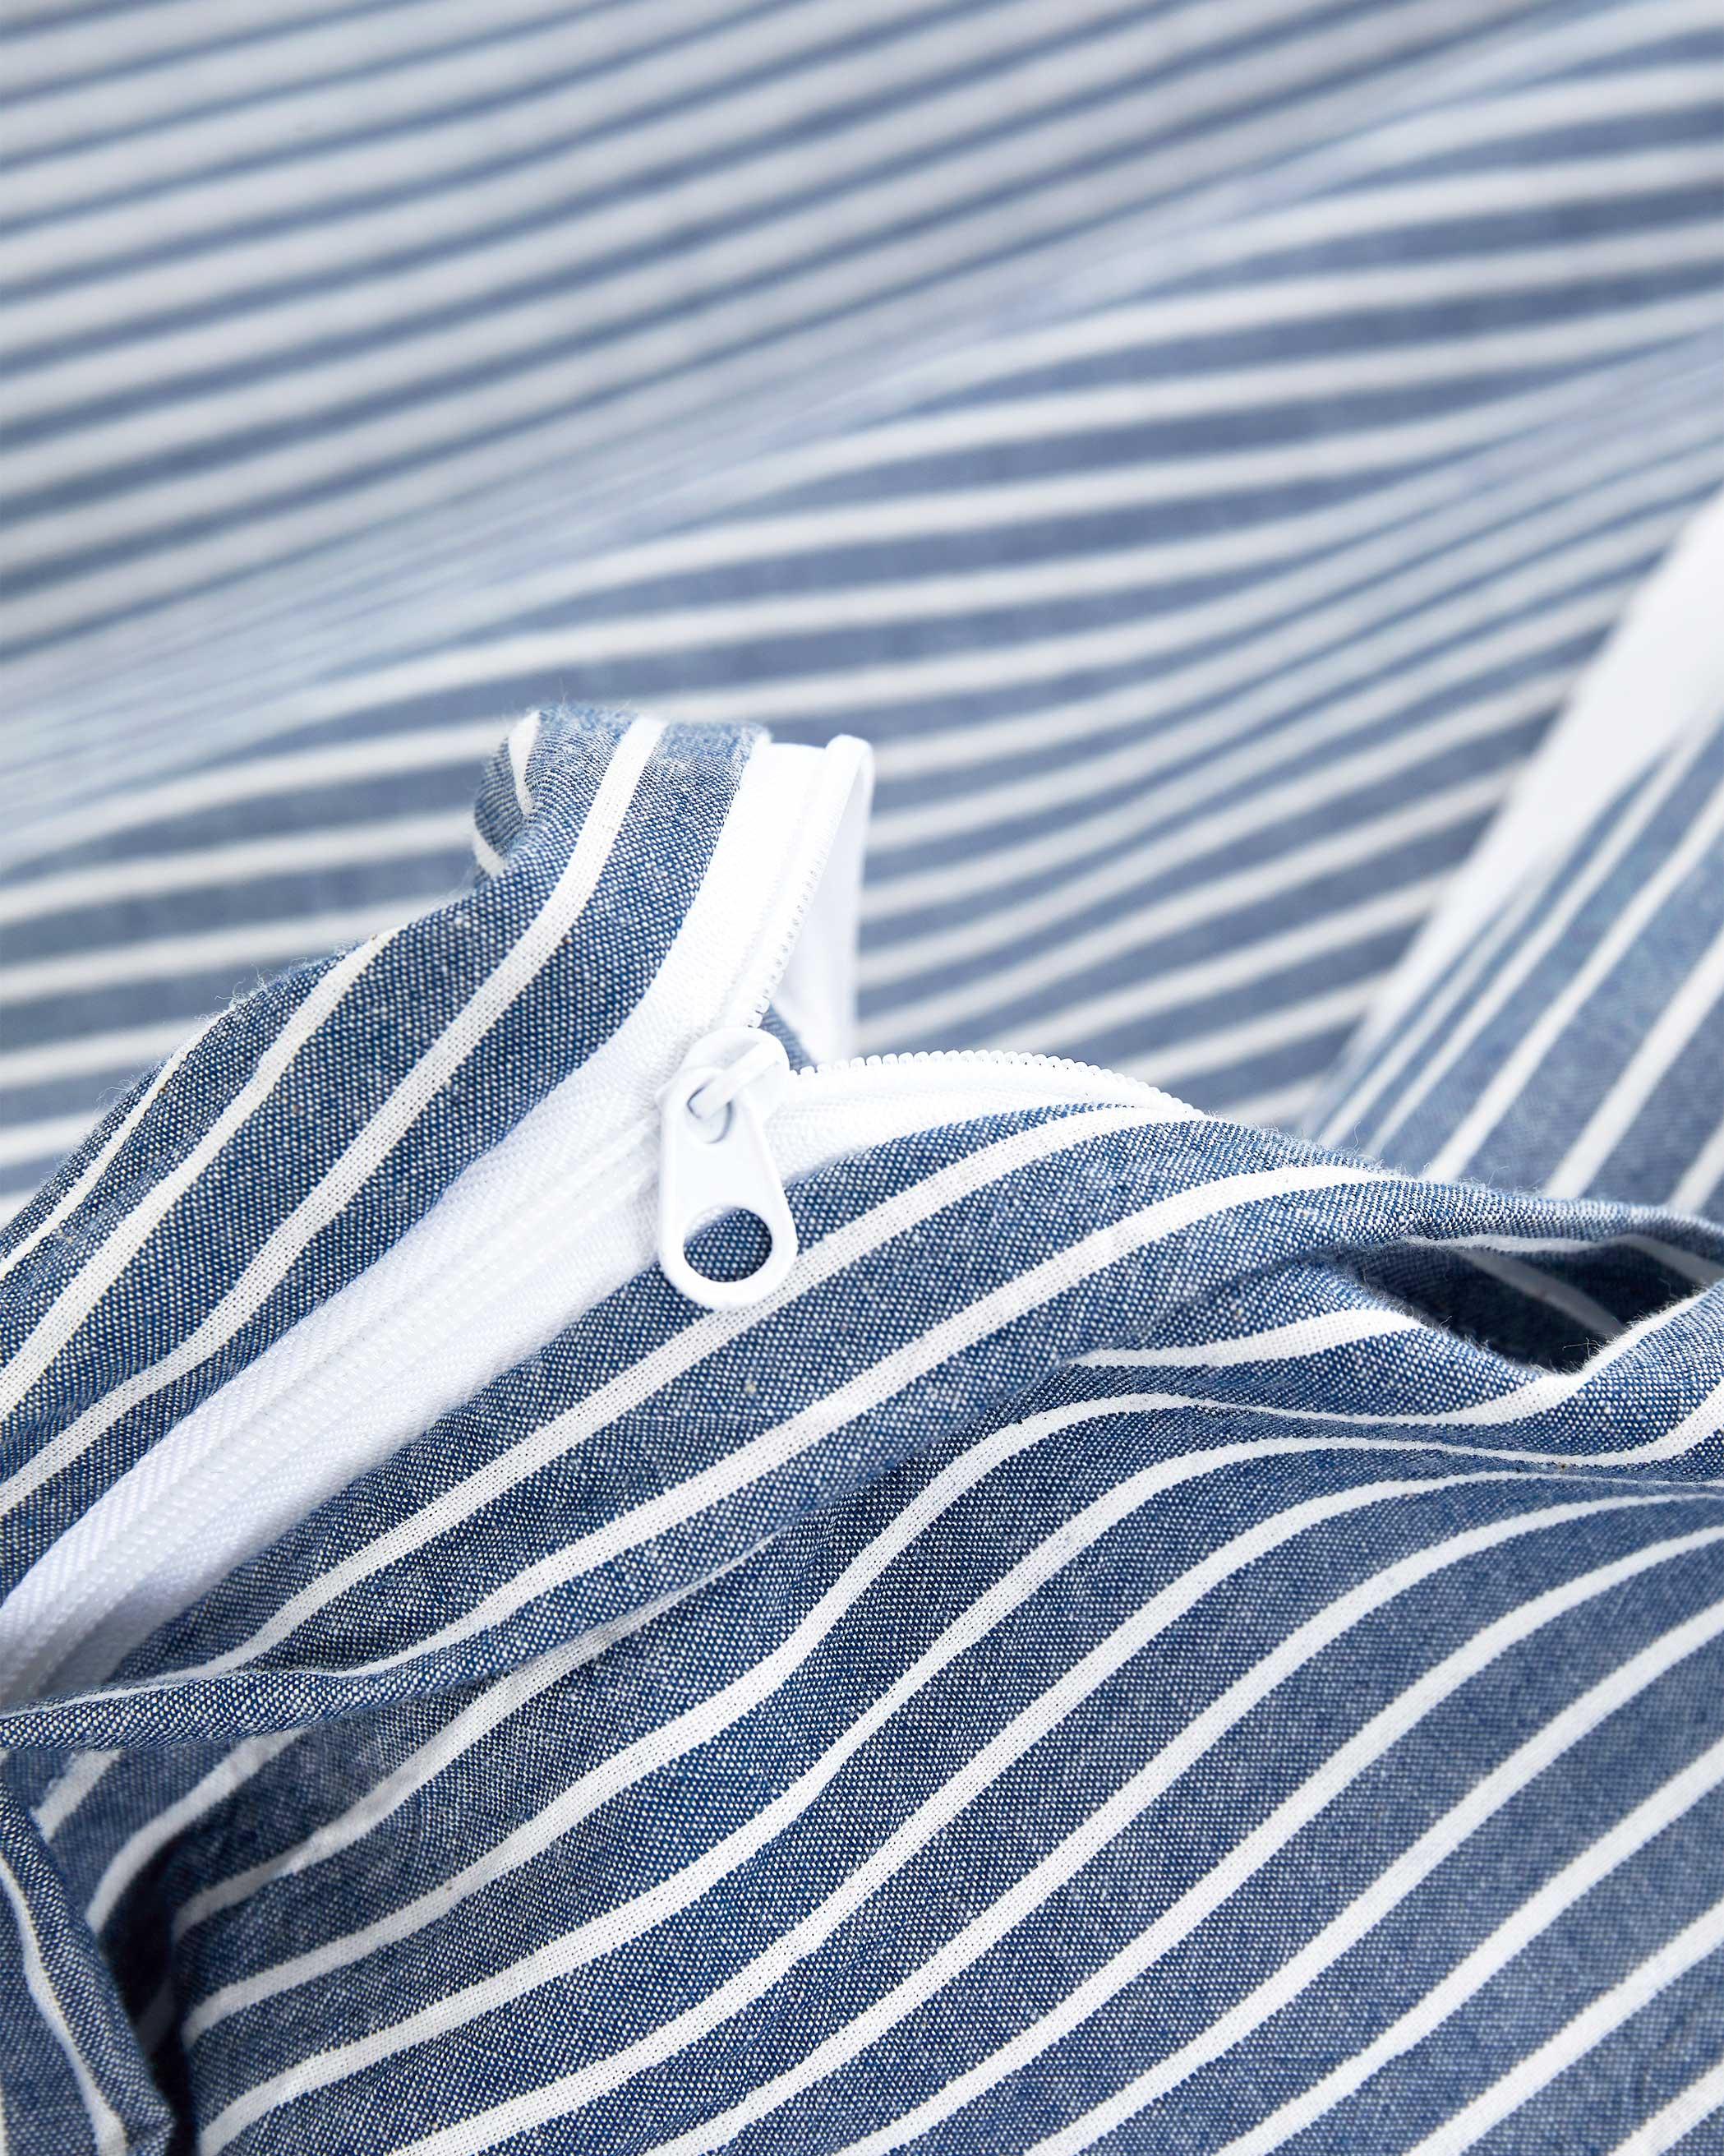 Denim Blue Striped Washed Cotton Duvet Cover Set